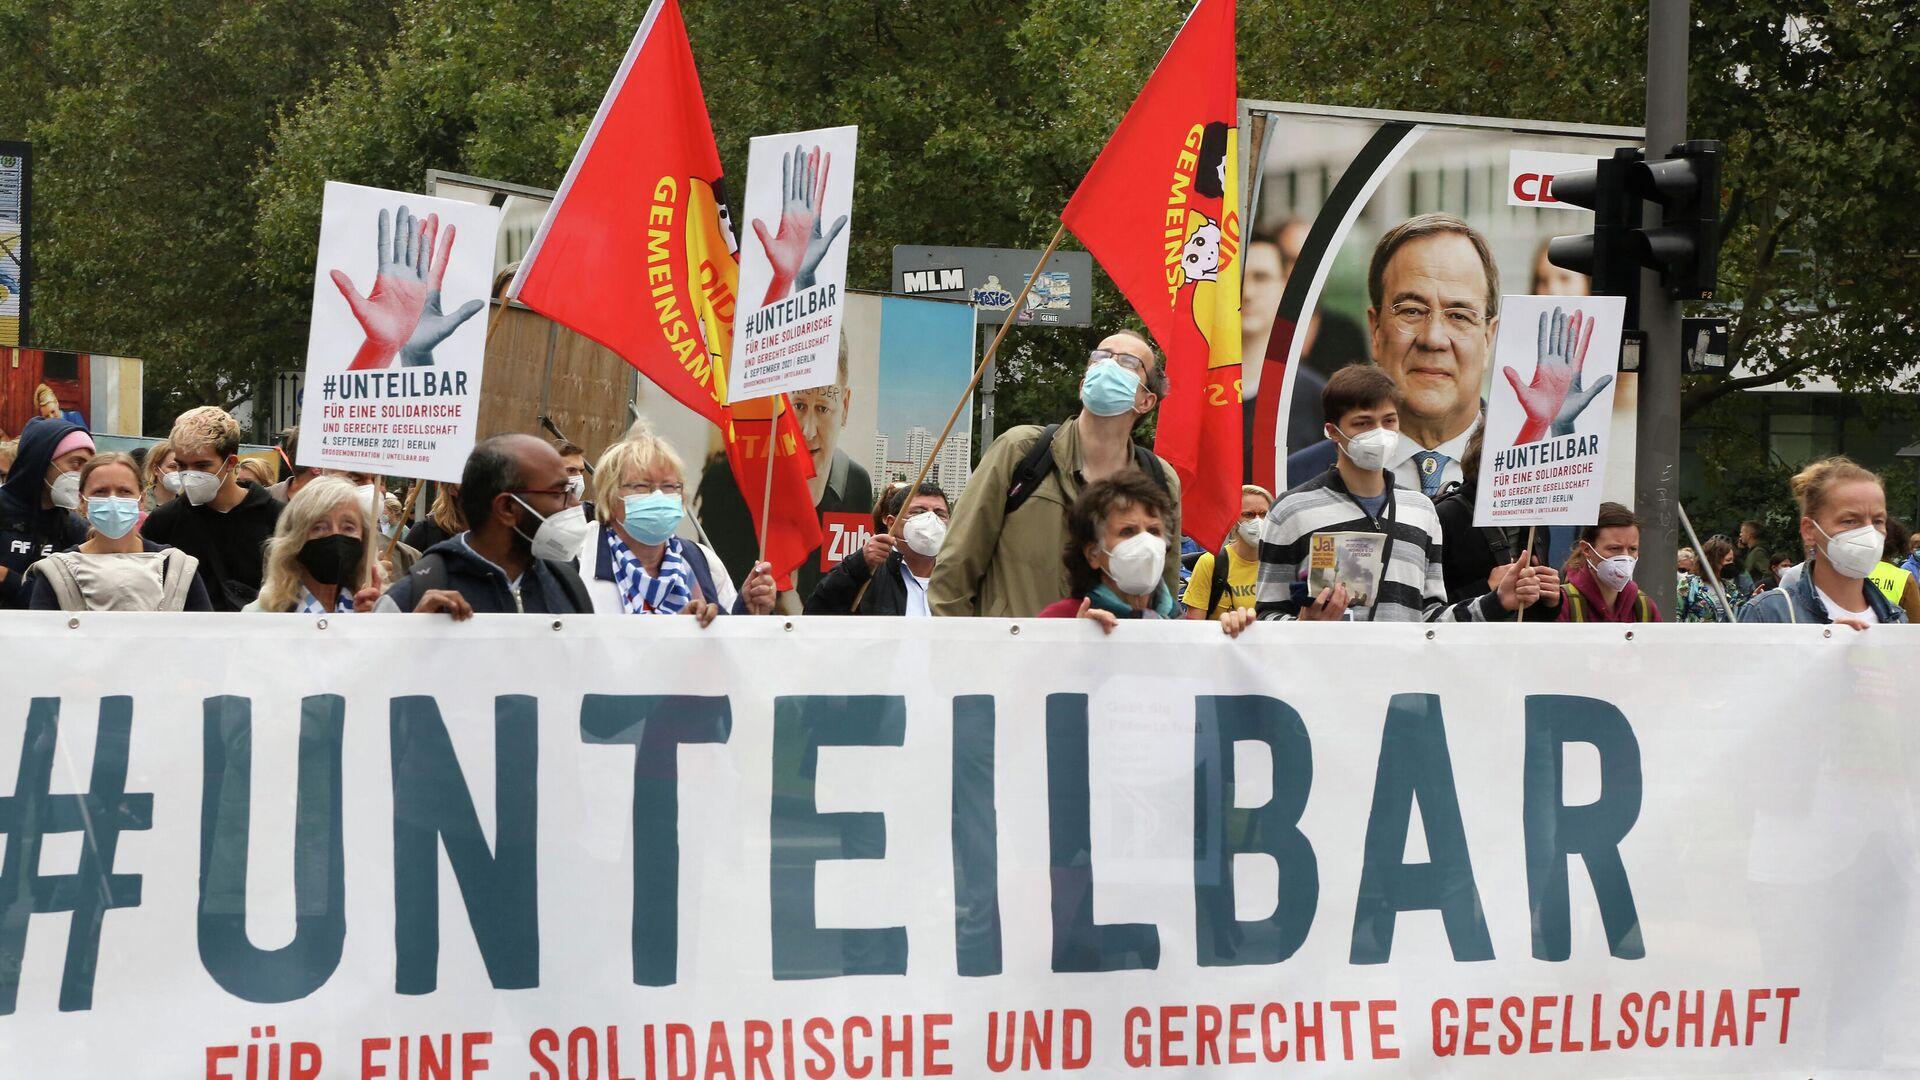 """Die Teilnehmer einer Demonstration der Bewegung """"#unteilbar"""" unter dem Motto """"Für eine gerechte und solidarische Gesellschaft"""" am 4. September 2021 in Berlin. - SNA, 1920, 04.09.2021"""